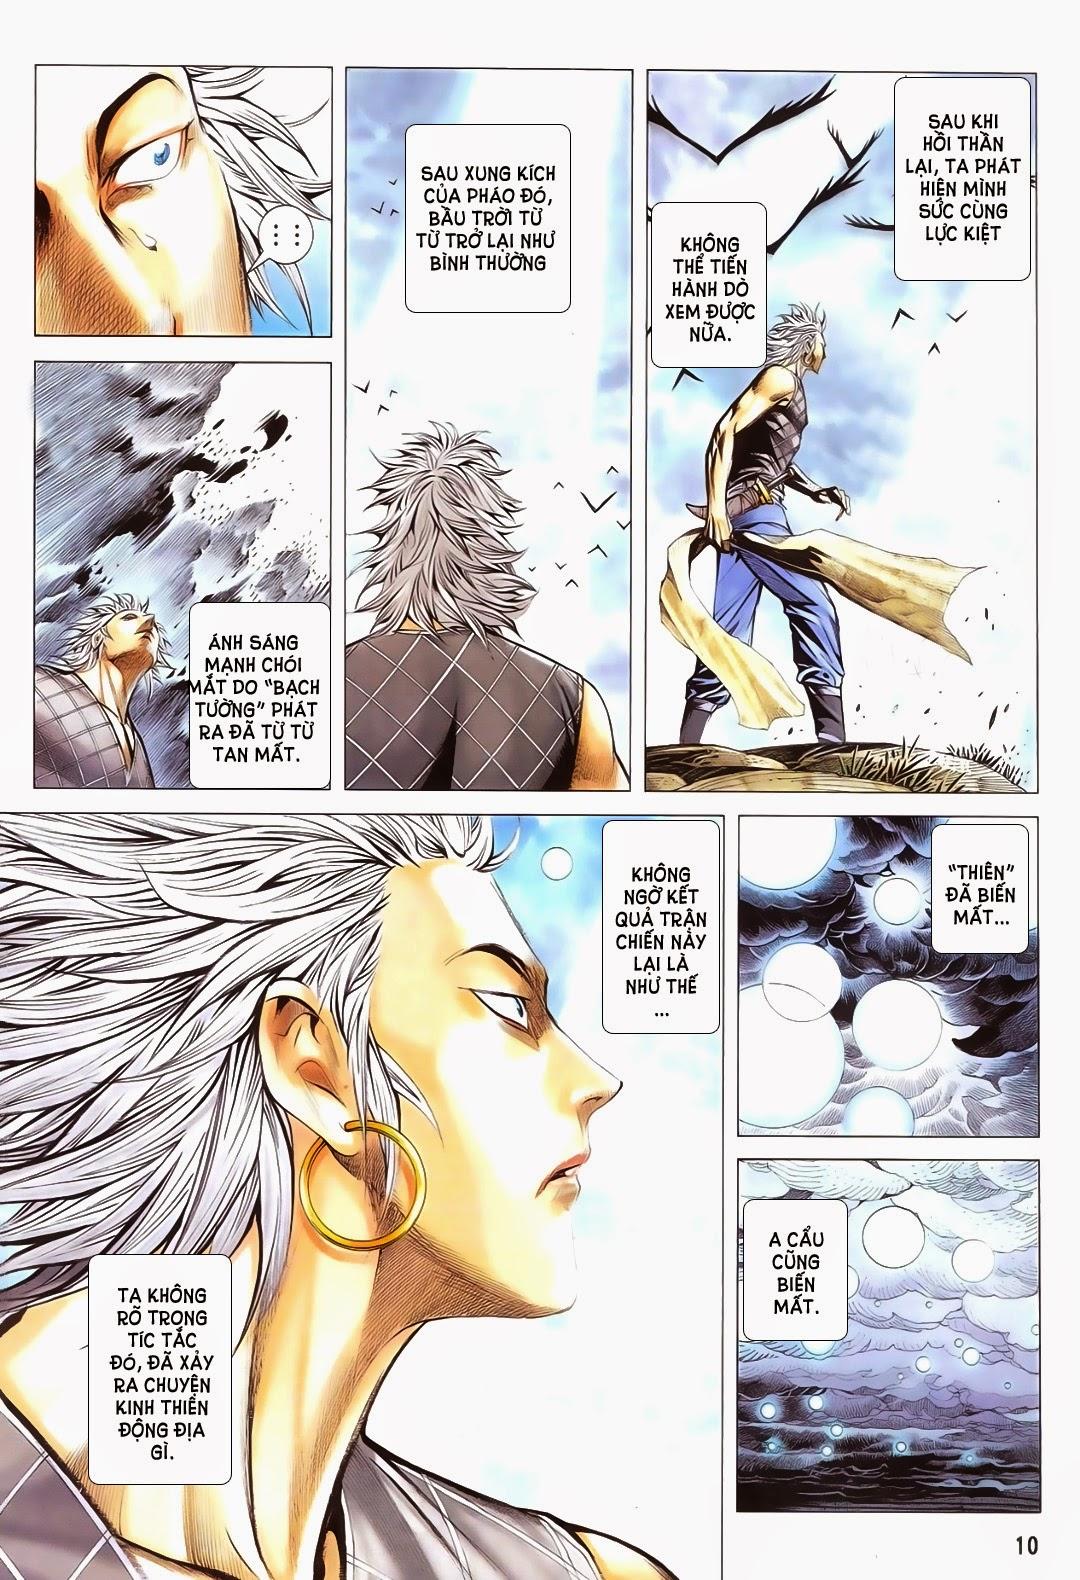 Phong Thần Ký chap 181 - Trang 9